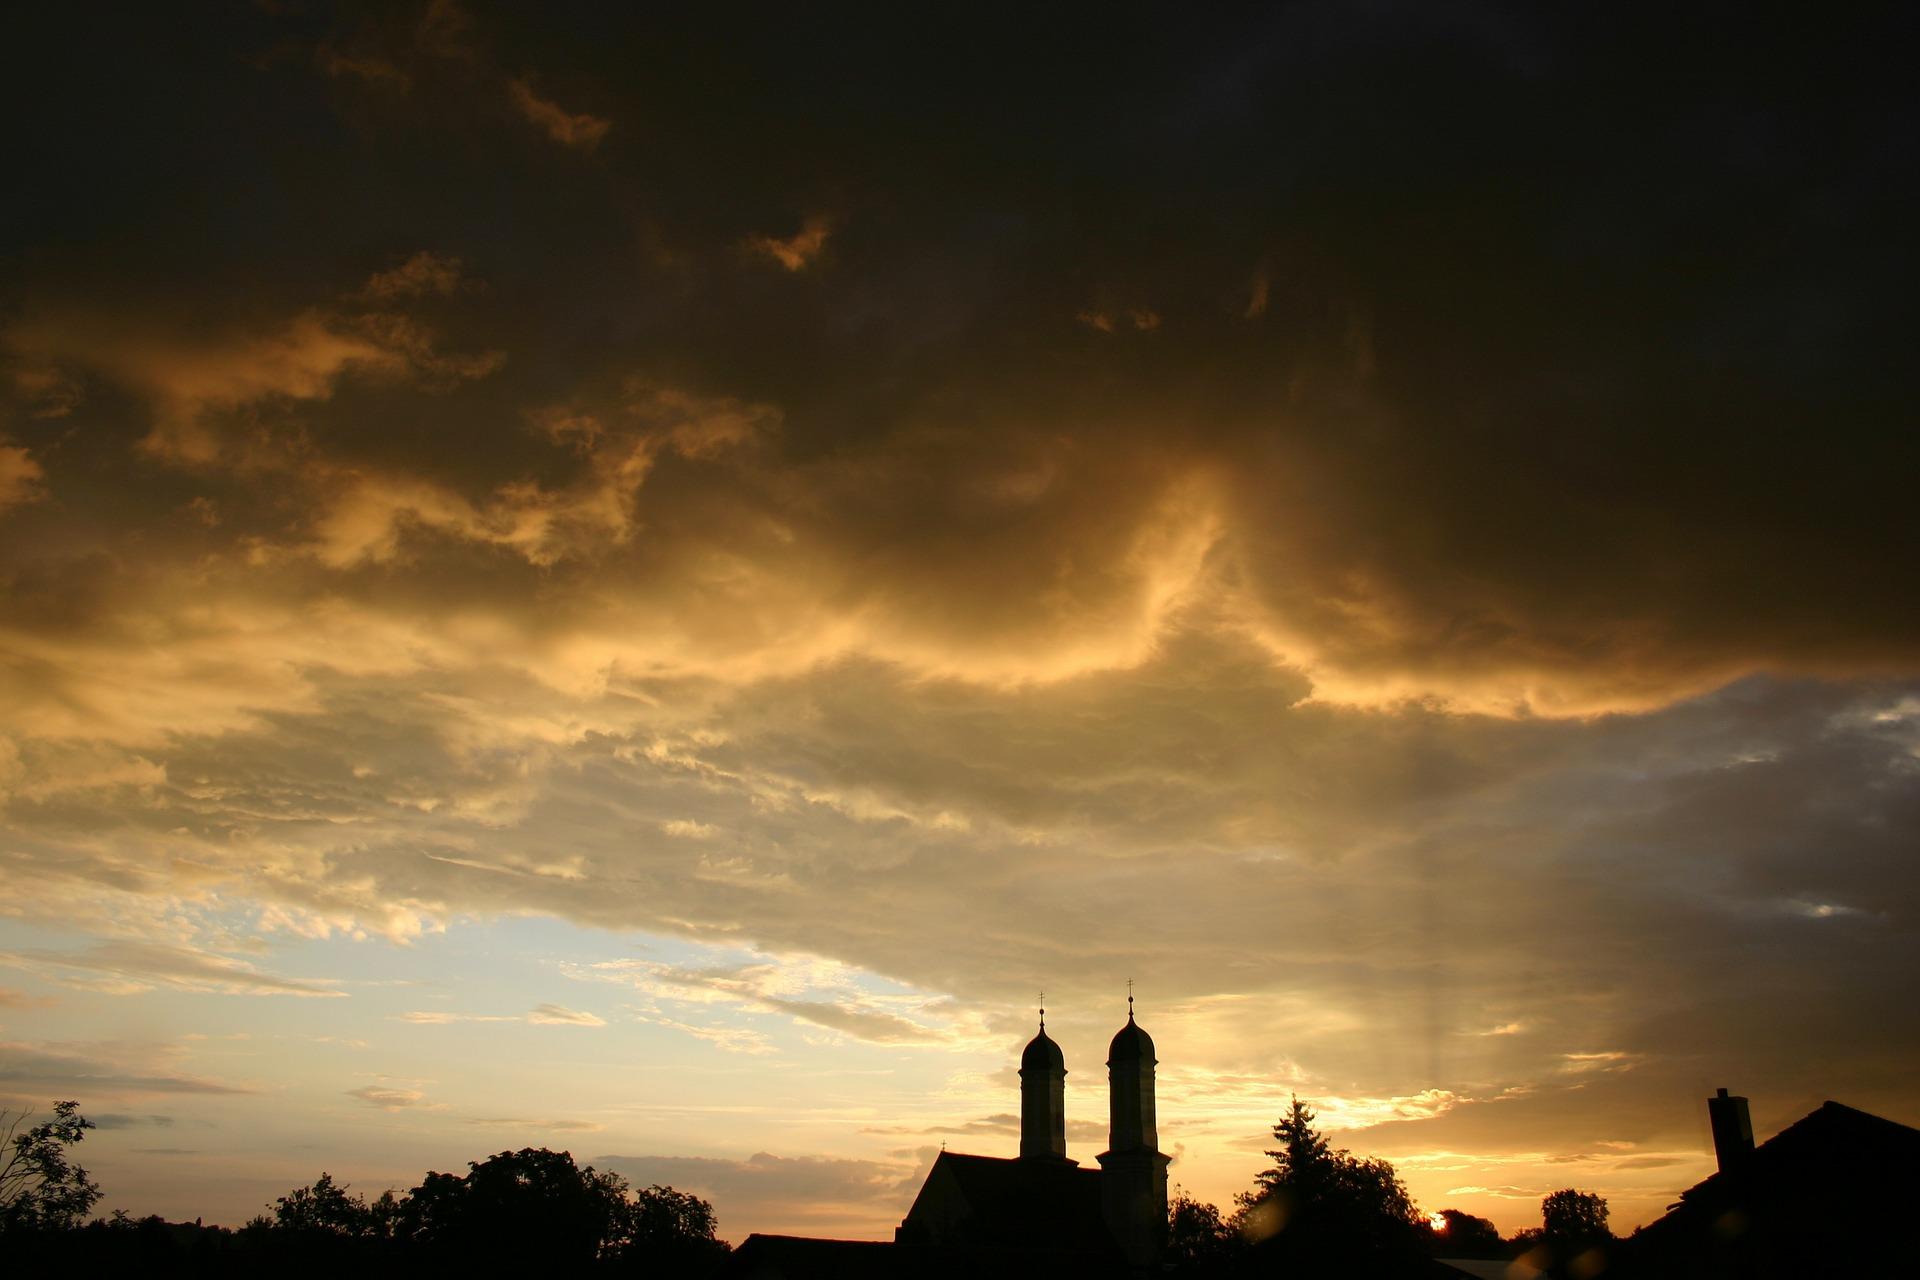 2. 雖然下雨讓人覺得濕答答的 但雨天前出現的滿天雲朵可是會讓你的照片質感大加分 雨天前夕 捕捉天邊樣子多變的雲朵絕對讓你的照片變出不同樂趣